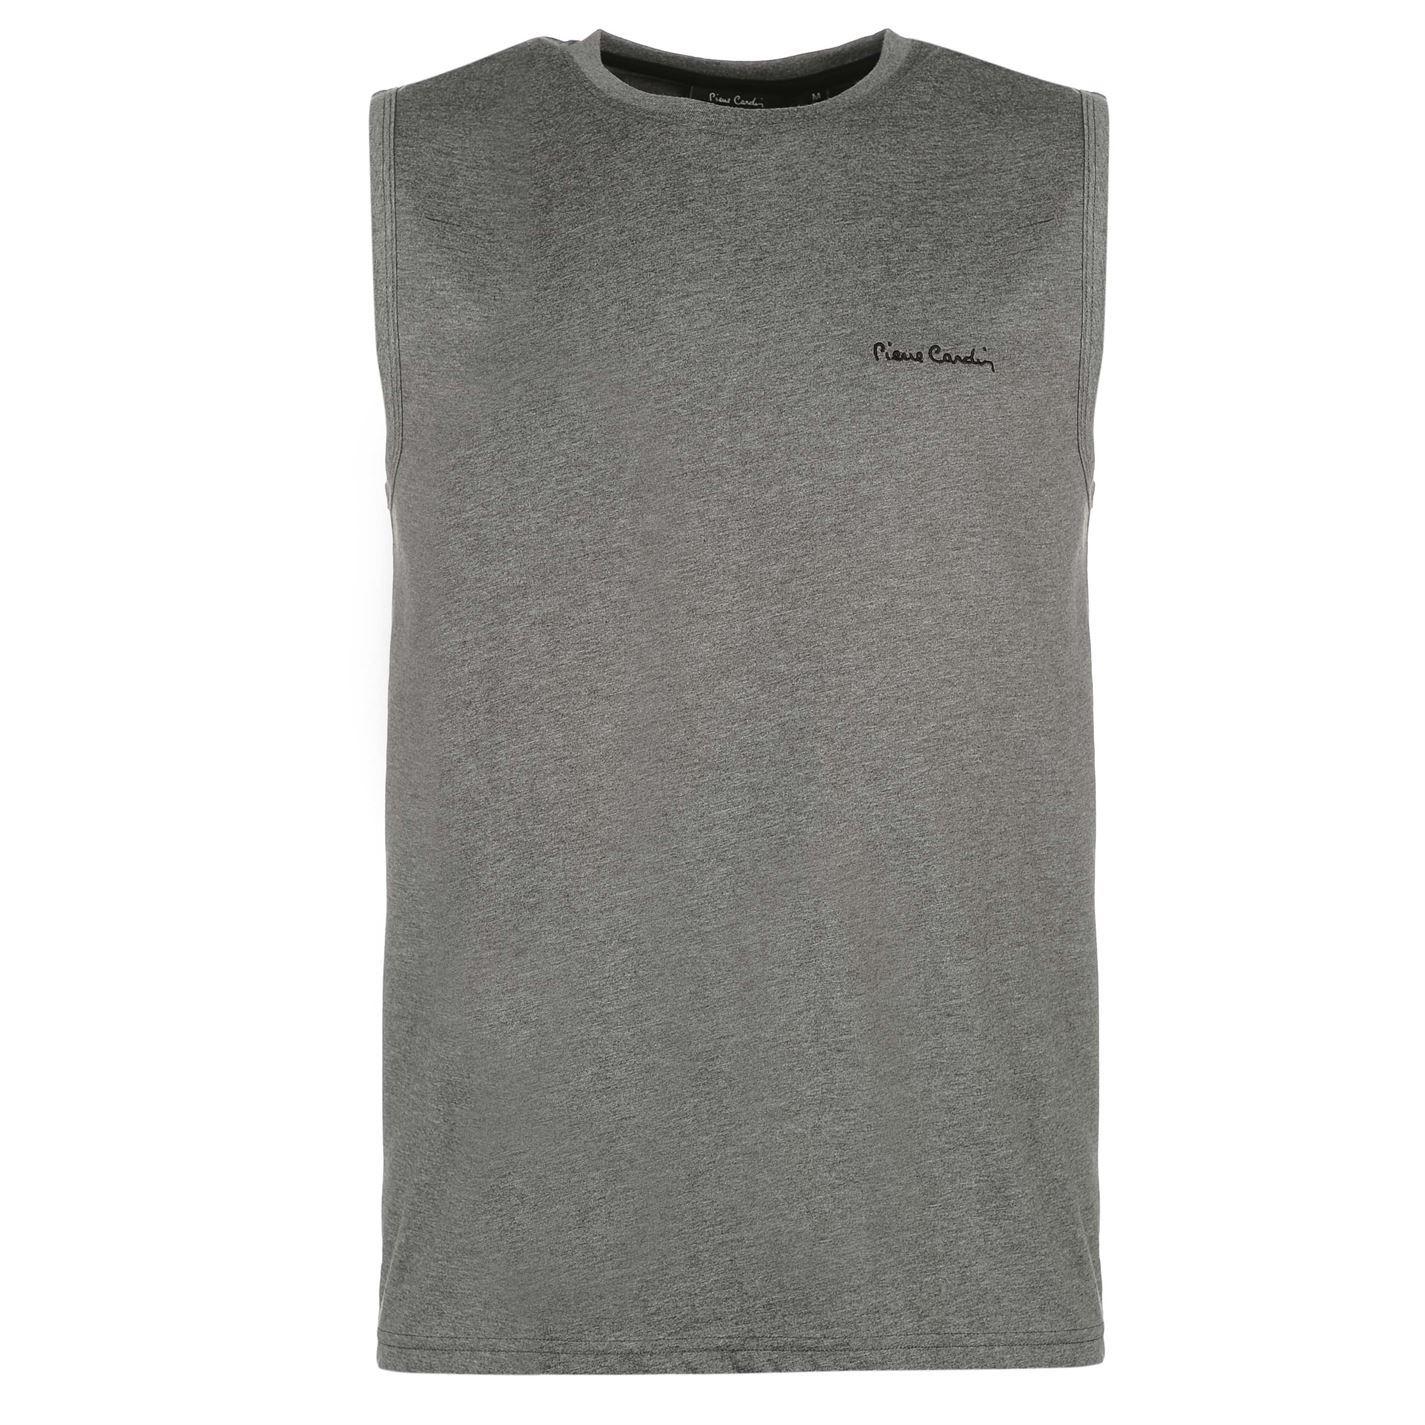 Pierre Cardin Clothes For Men Vest